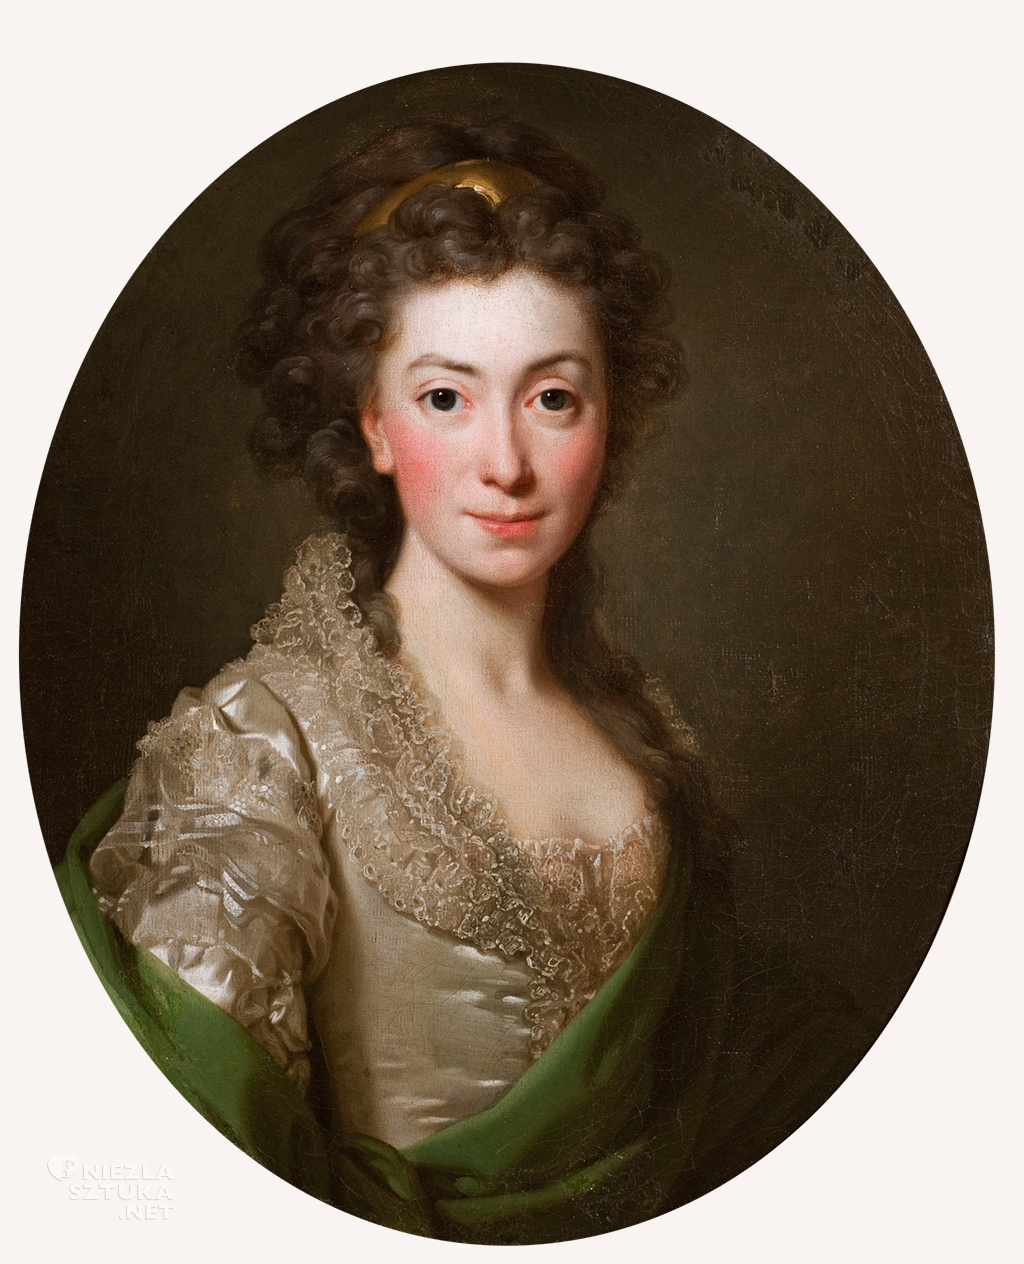 Alexander Roslin <em> Portret Izabeli z Flemingów Czartoryskiej</em> | 1794, <br> Muzeum Narodowe w Krakowie, nr inw. MNK XII-a-616